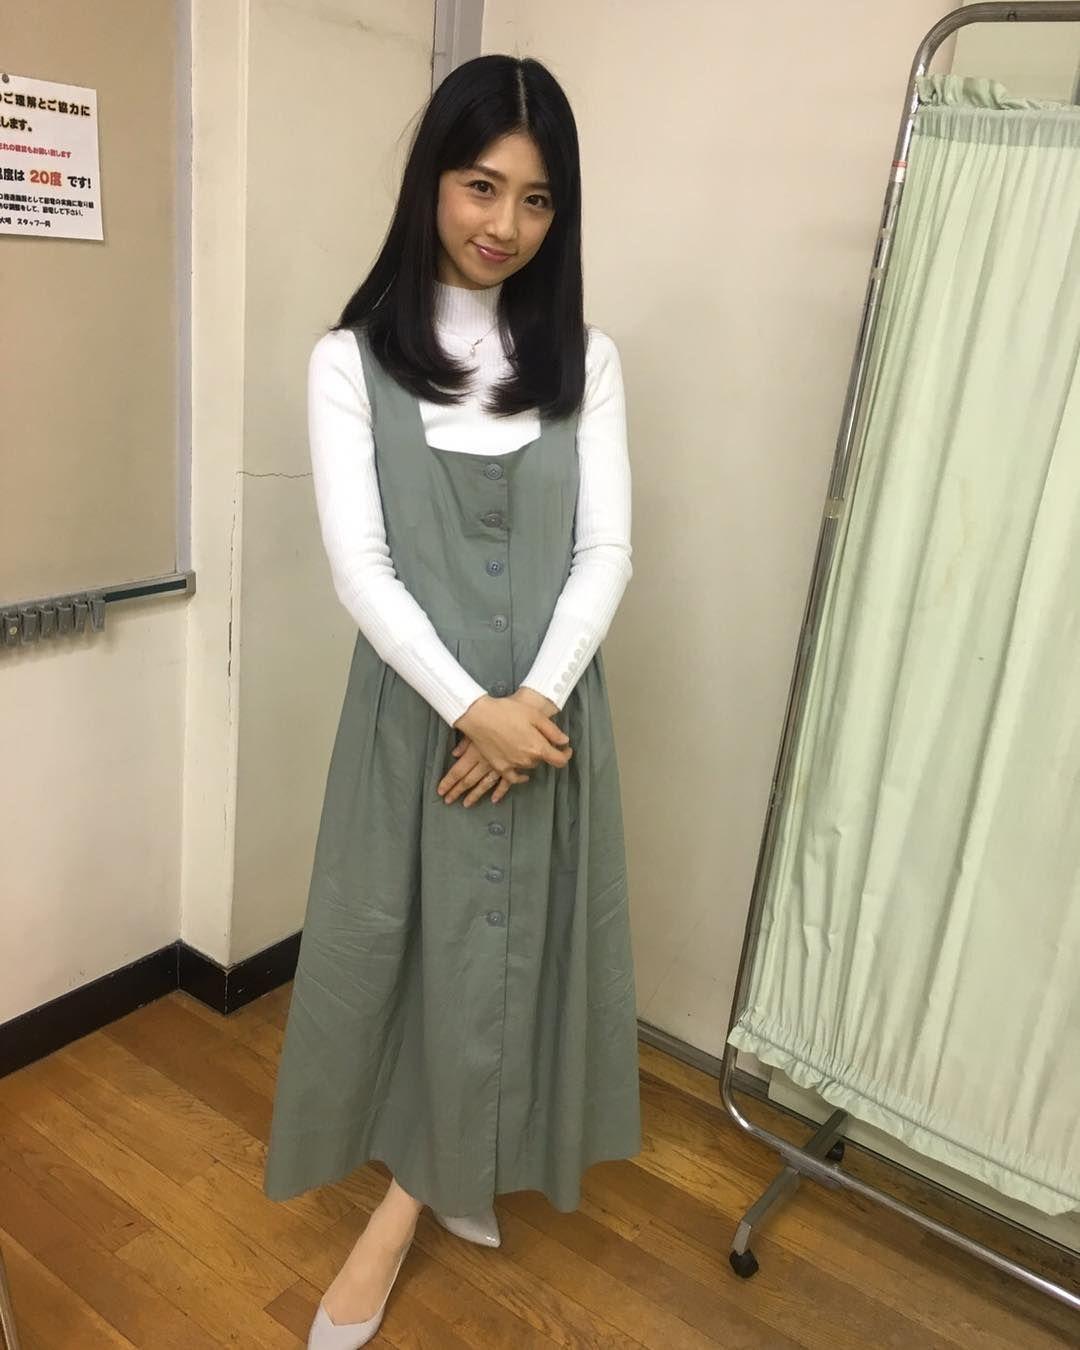 インスタ 小倉 グラム 優子